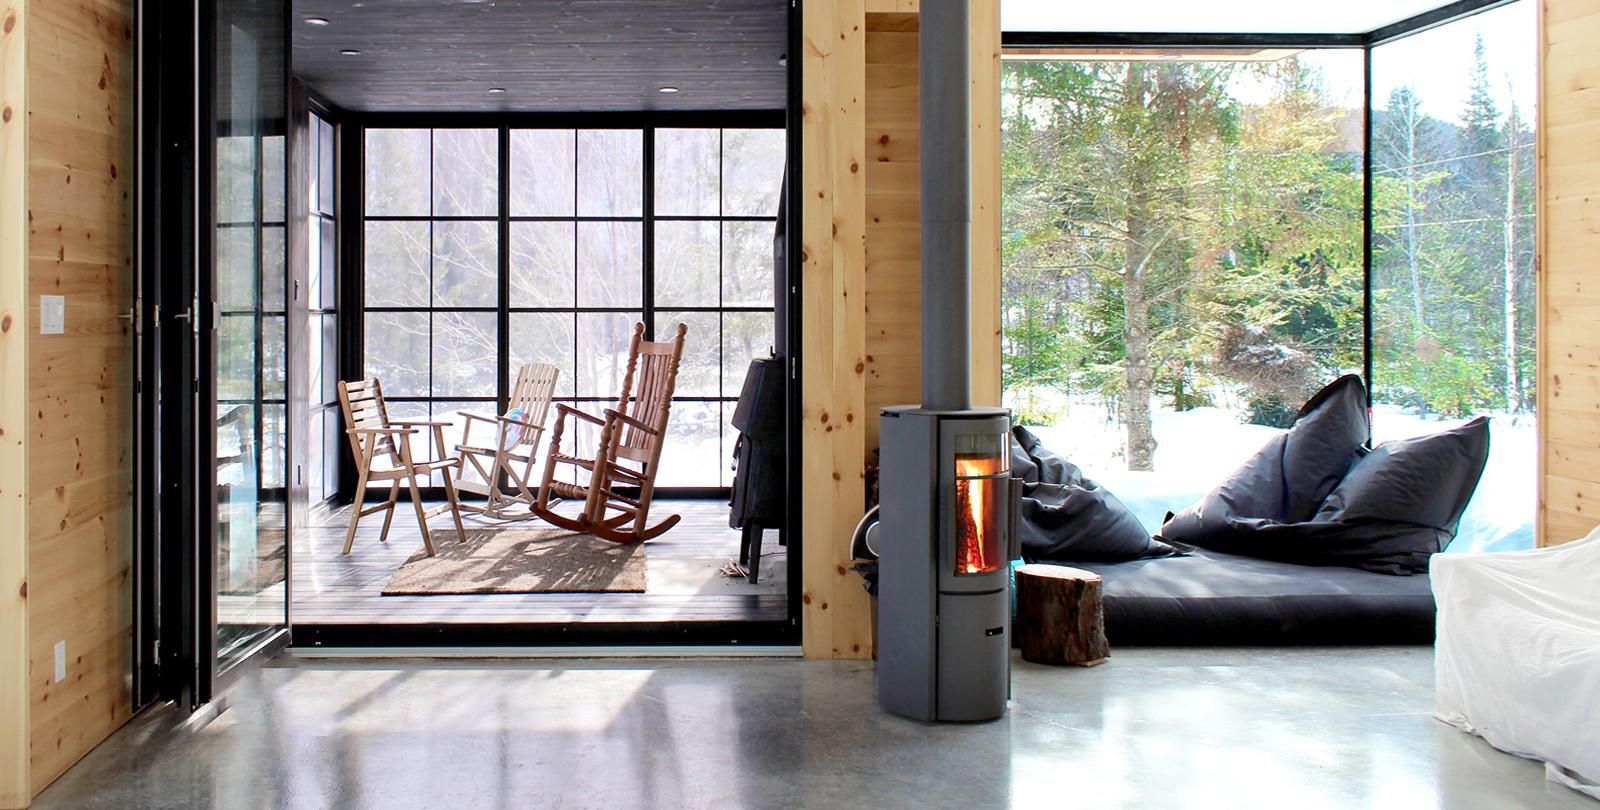 Peut On Mettre Un Poele A Granule Dans Une Veranda extension : comment chauffer un nouvel espace de vie ?